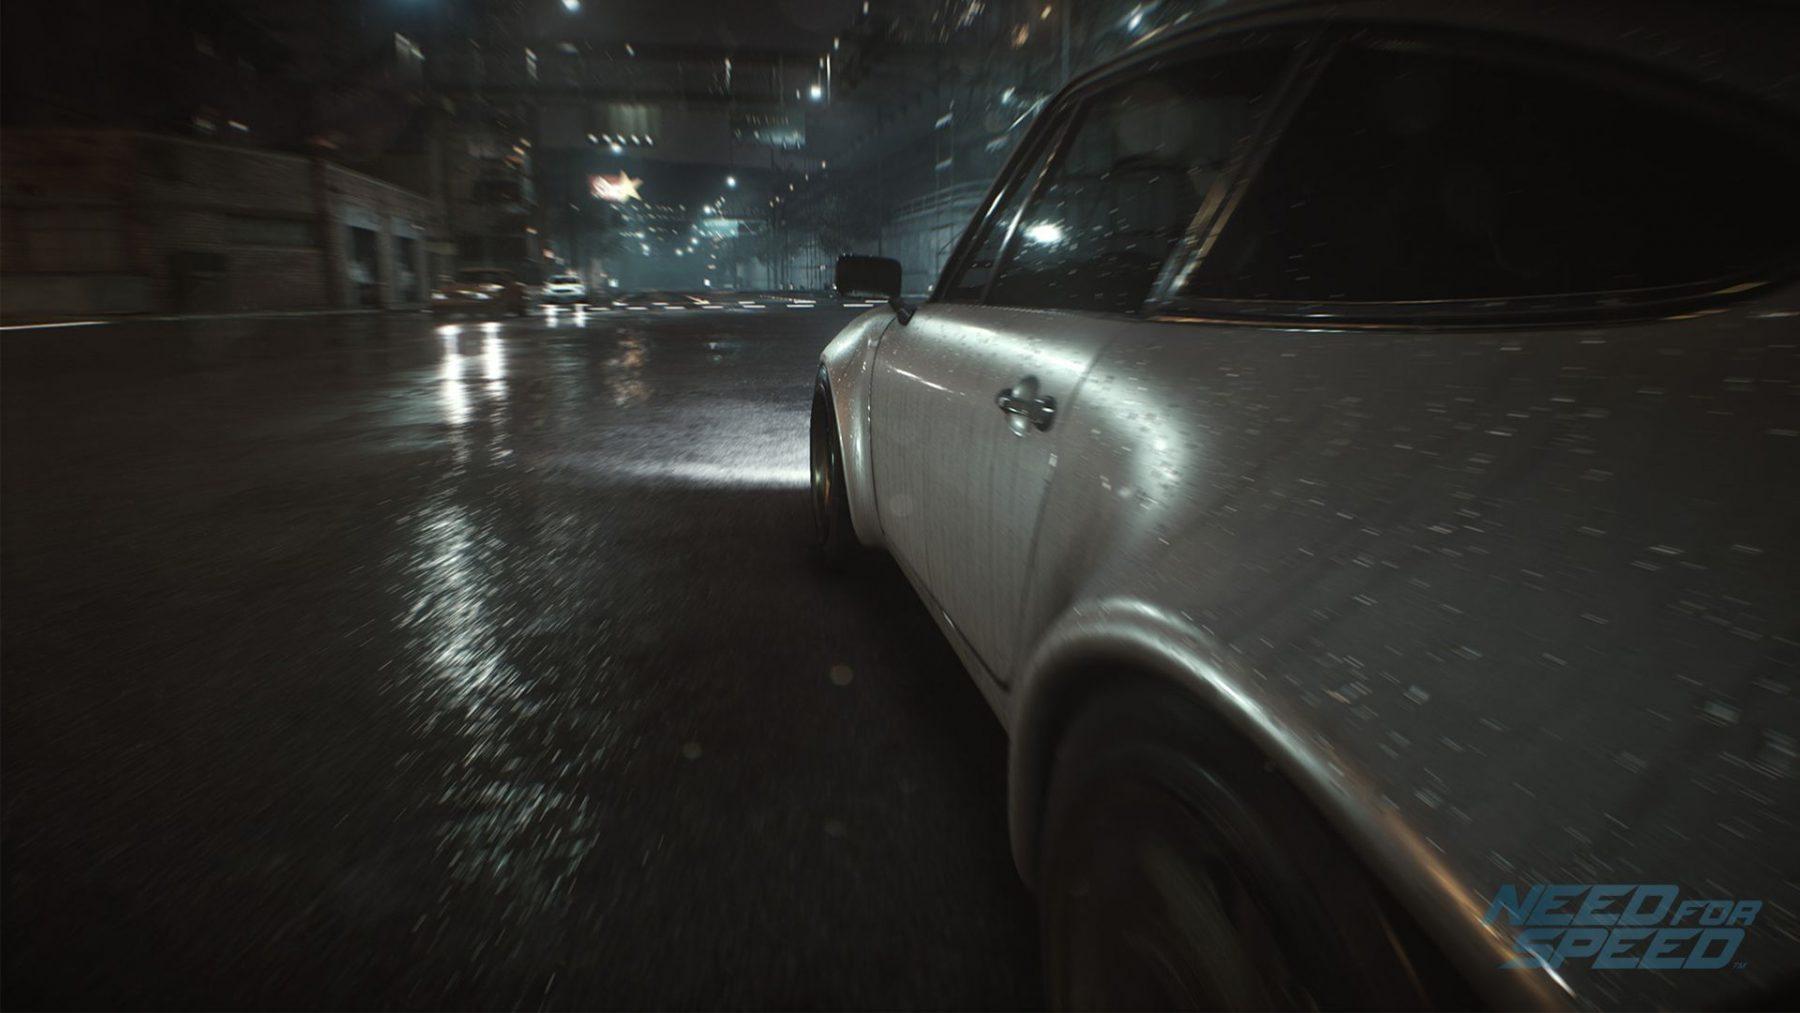 b_E3_Porsche_Speed